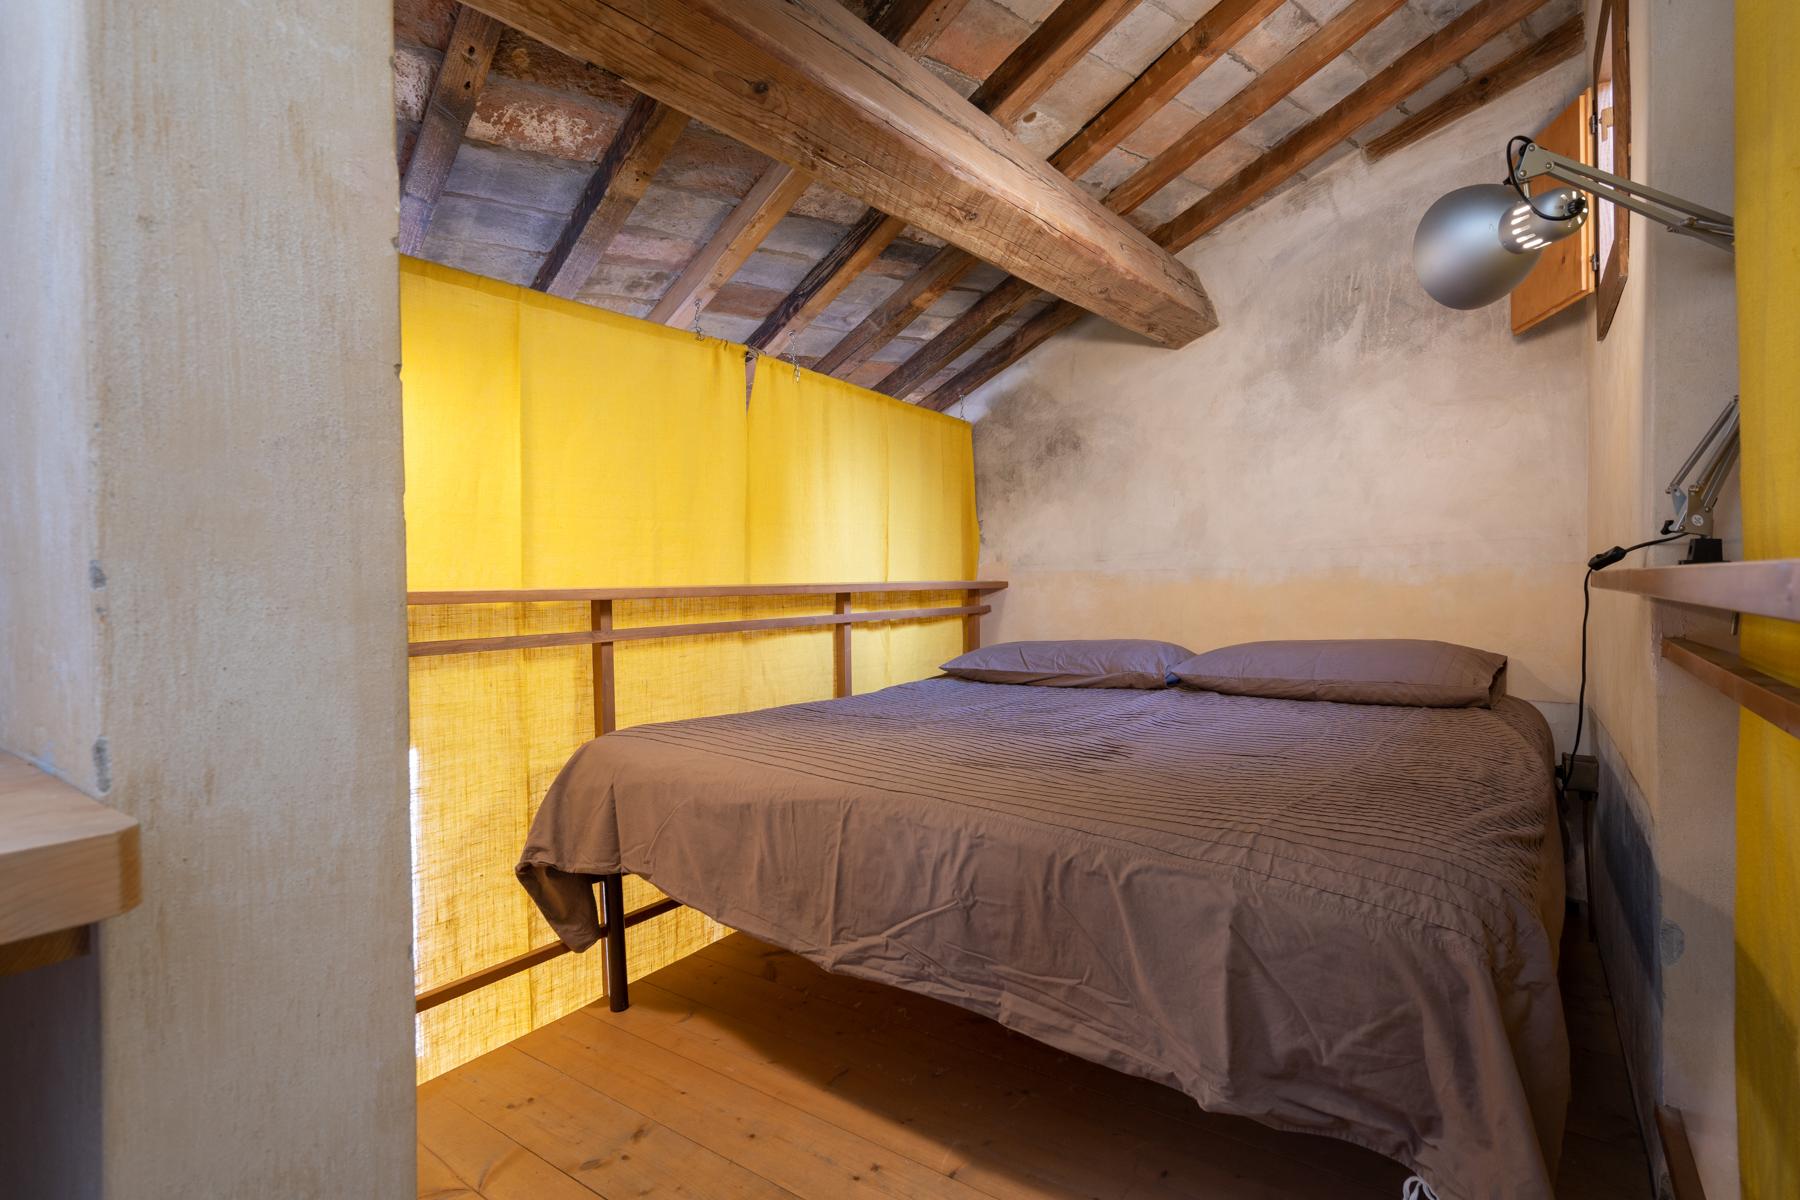 Appartamento in Vendita a Firenze: 4 locali, 120 mq - Foto 18